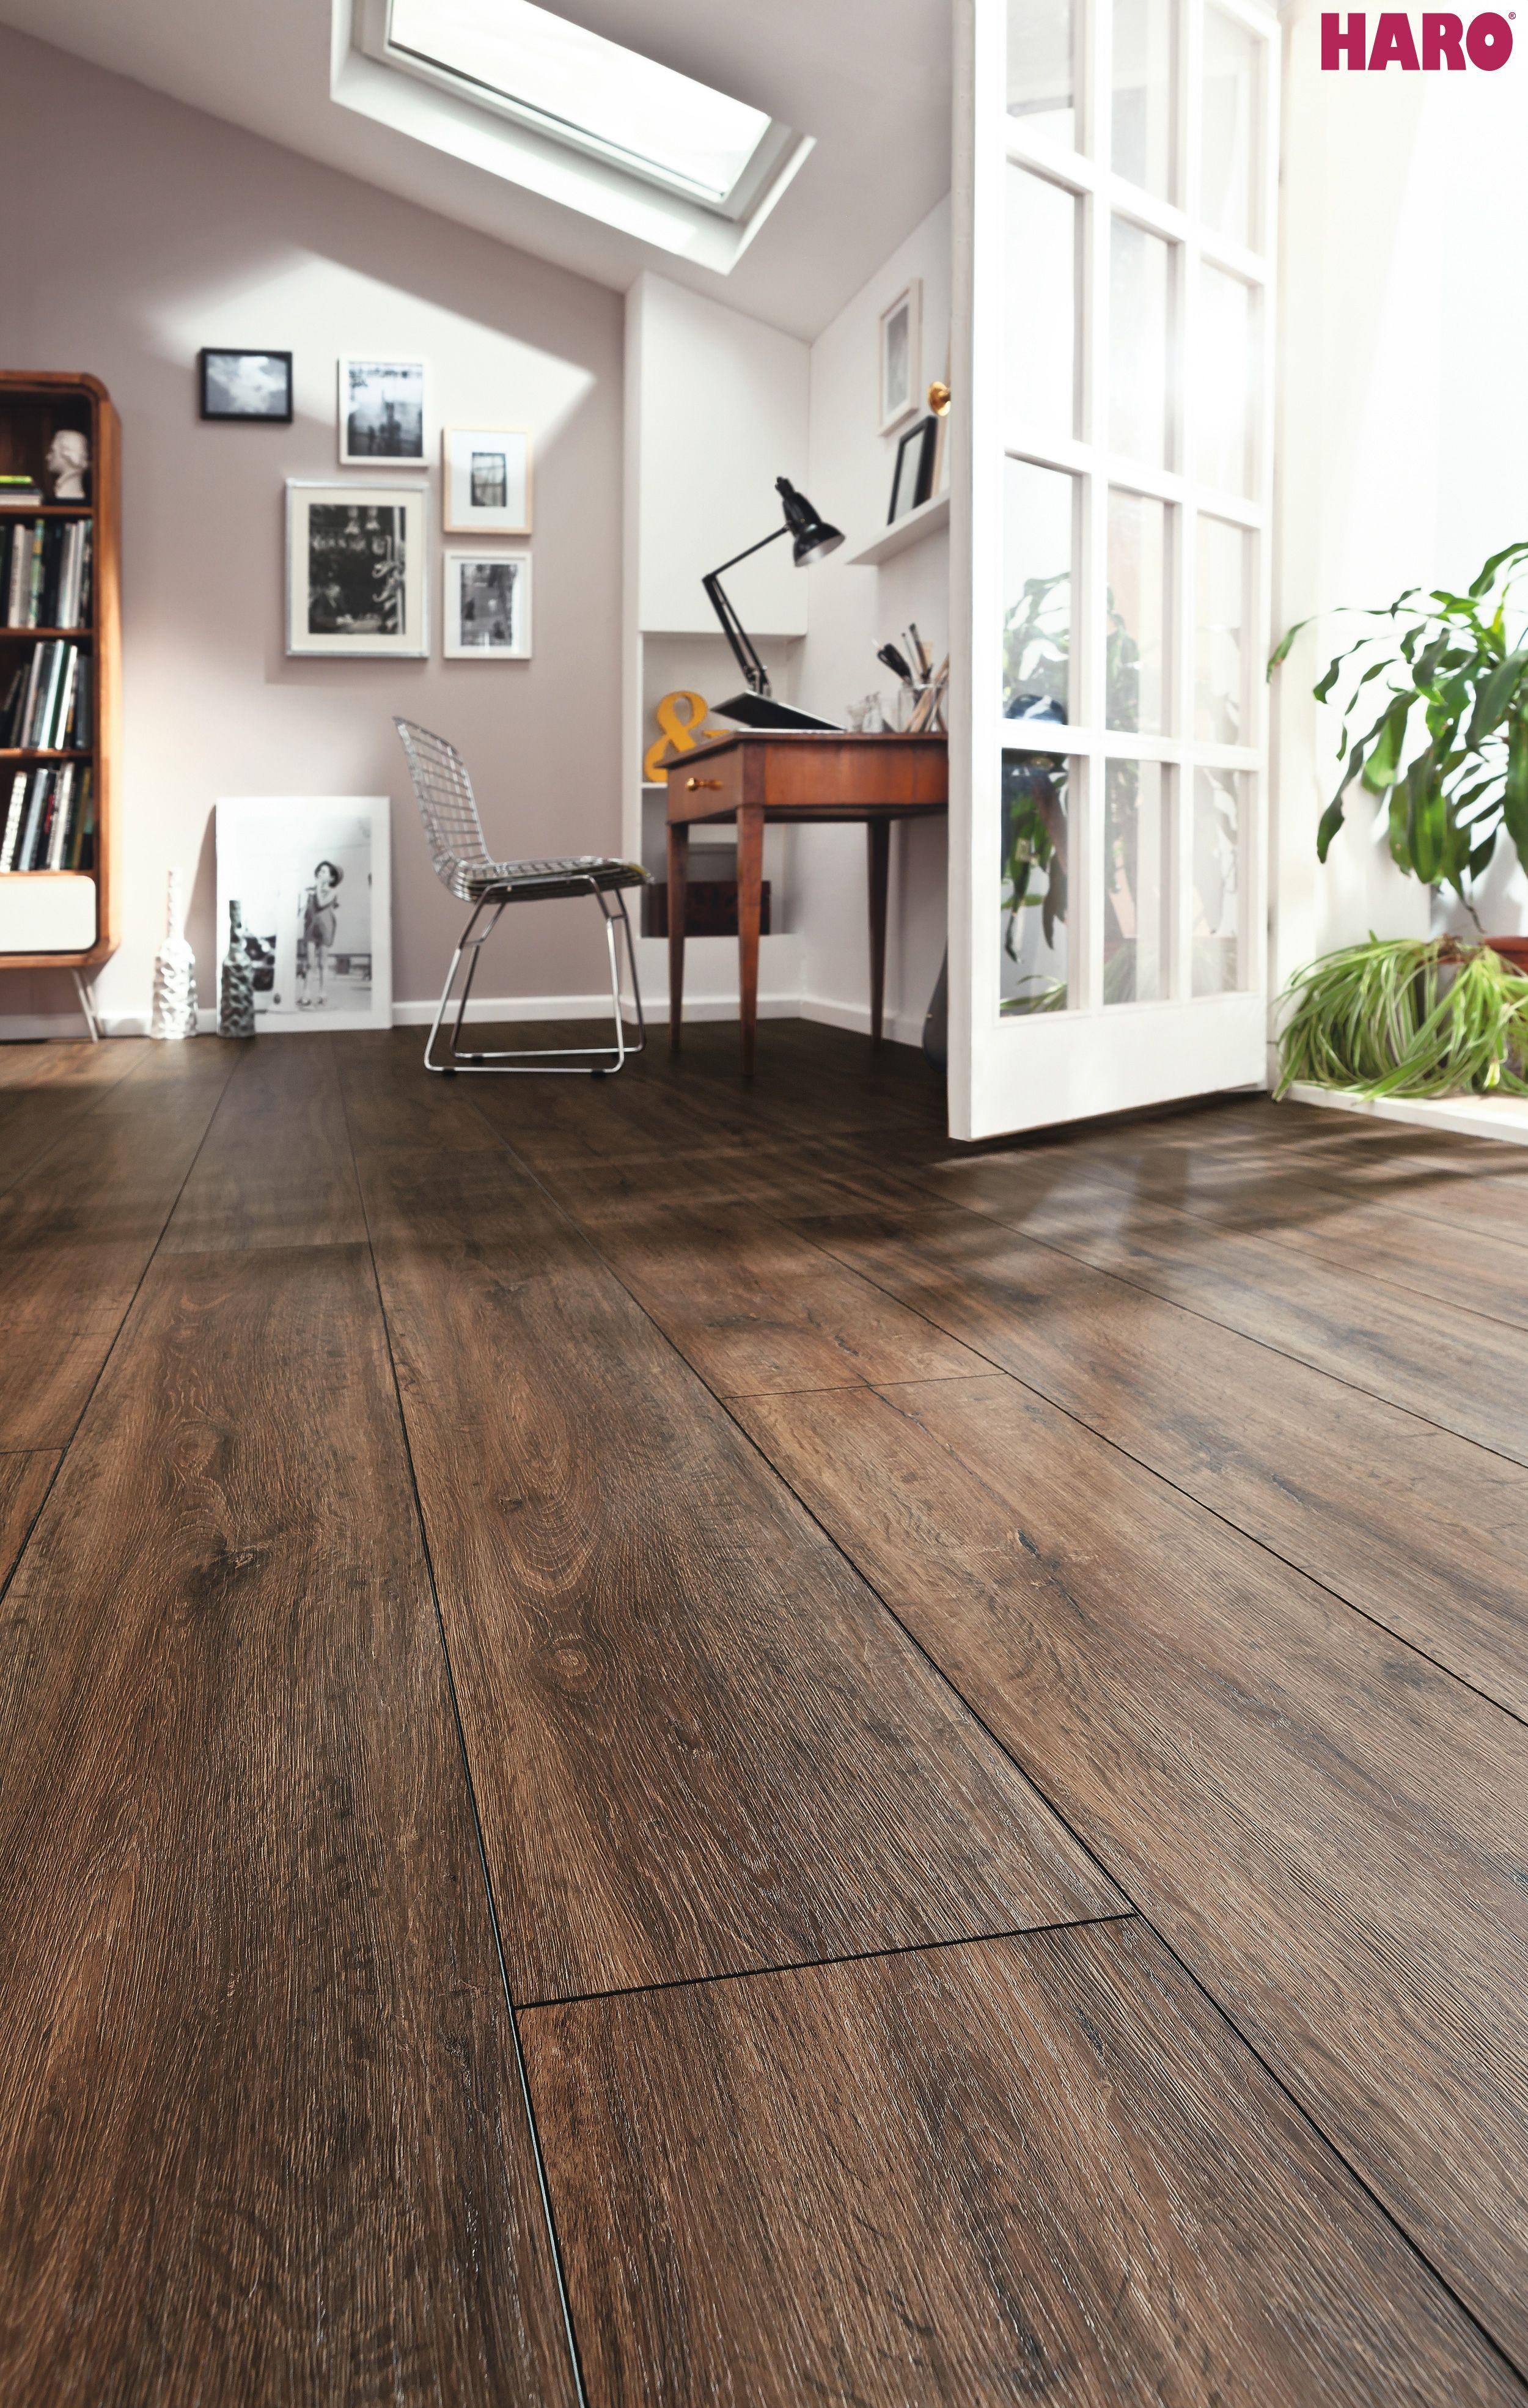 17 Staggering Vinylboden Küche in 17  Vinylboden, Wohnzimmer